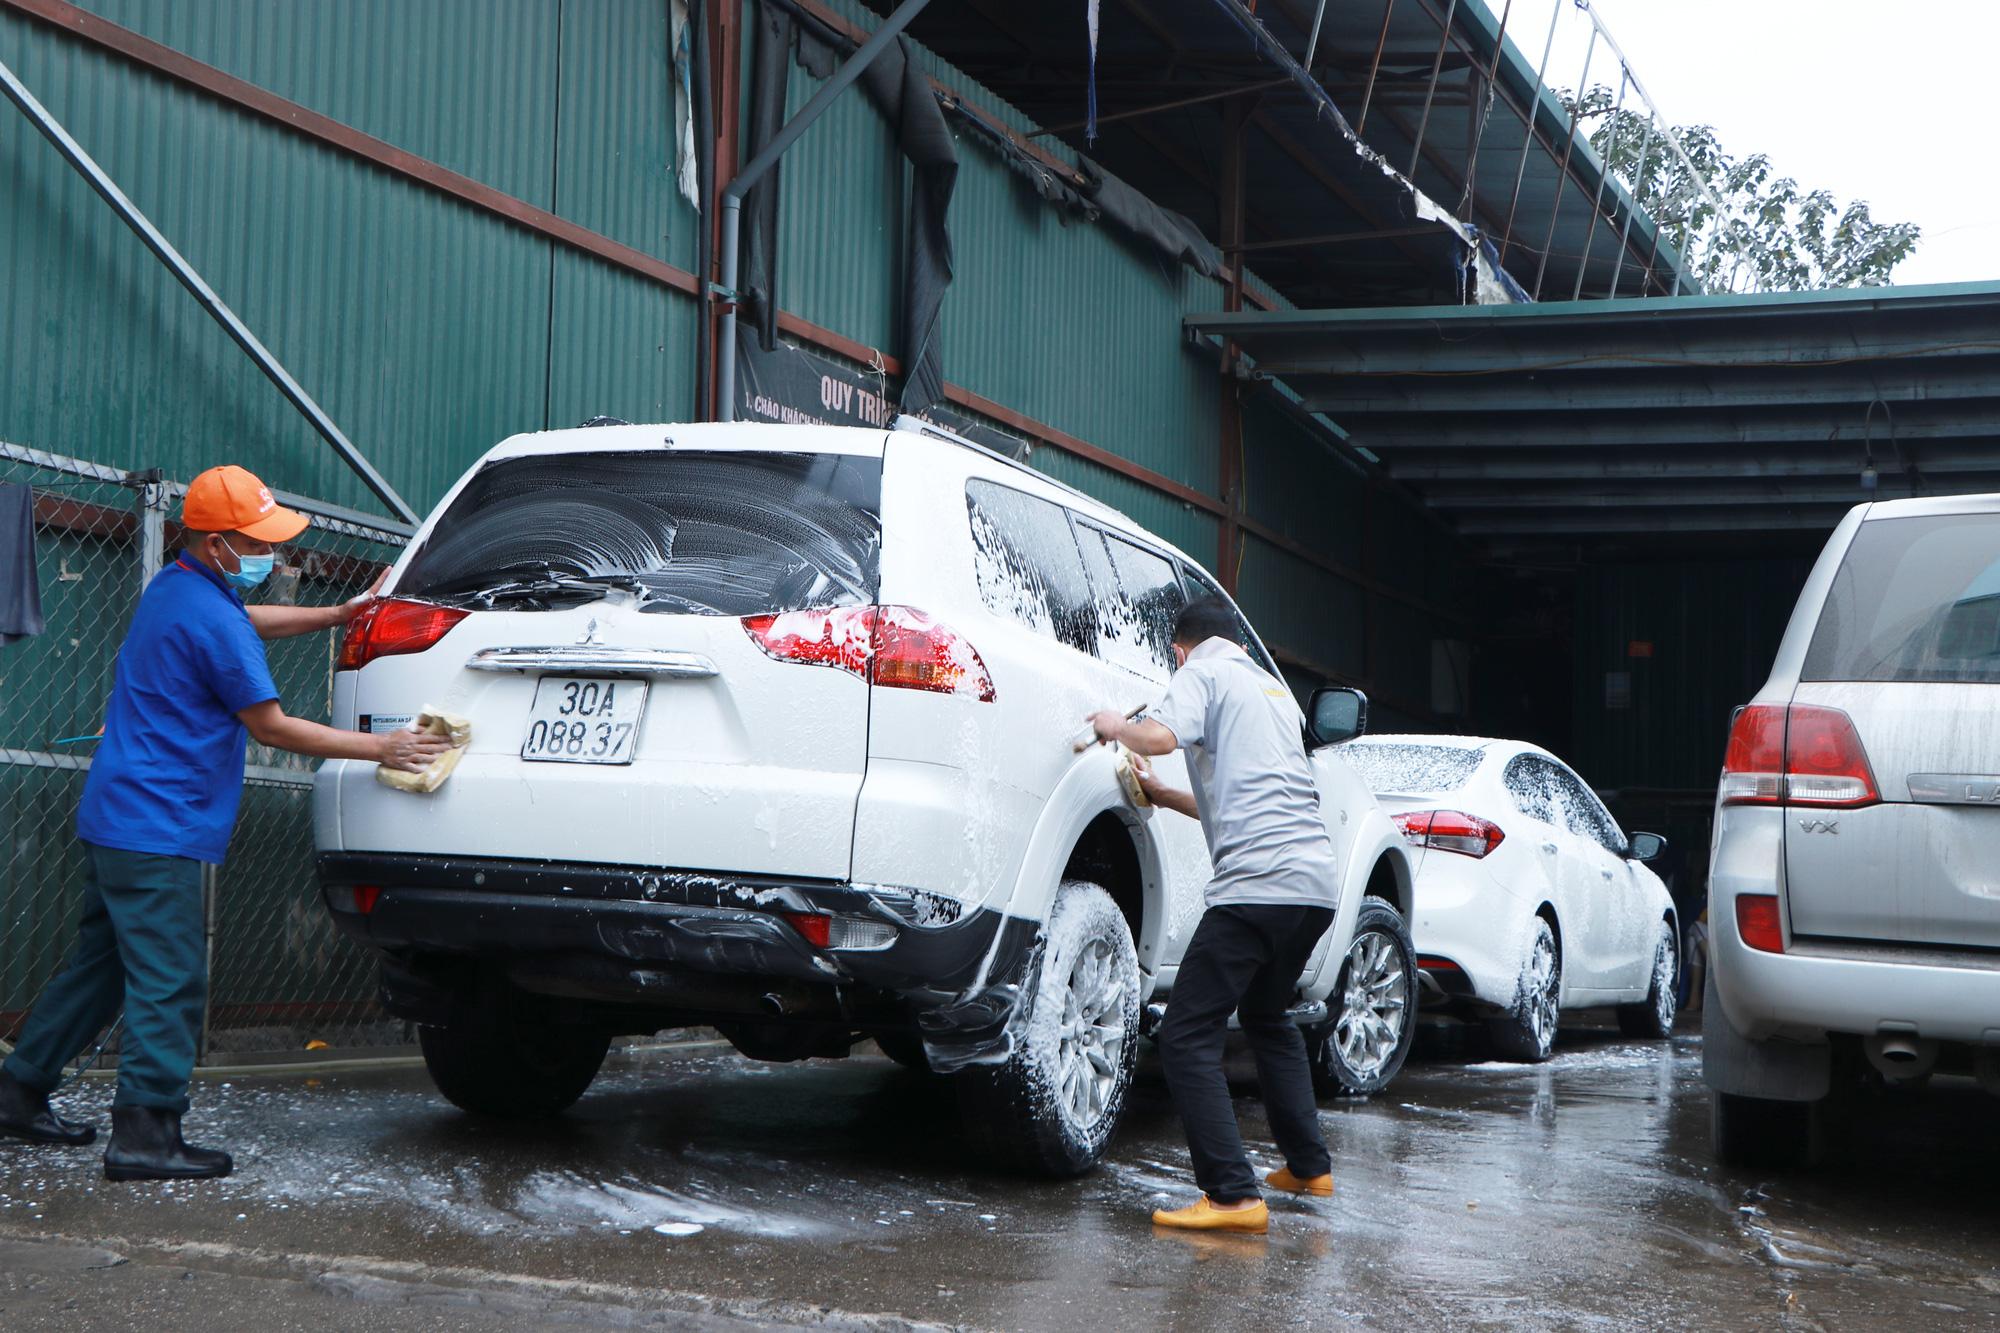 """Dịch vụ rửa xe, dọn nội thất ô tô """"hốt bạc"""" ngày cận Tết, nhân viên quay cuồng từ sáng tới đêm - Ảnh 4."""